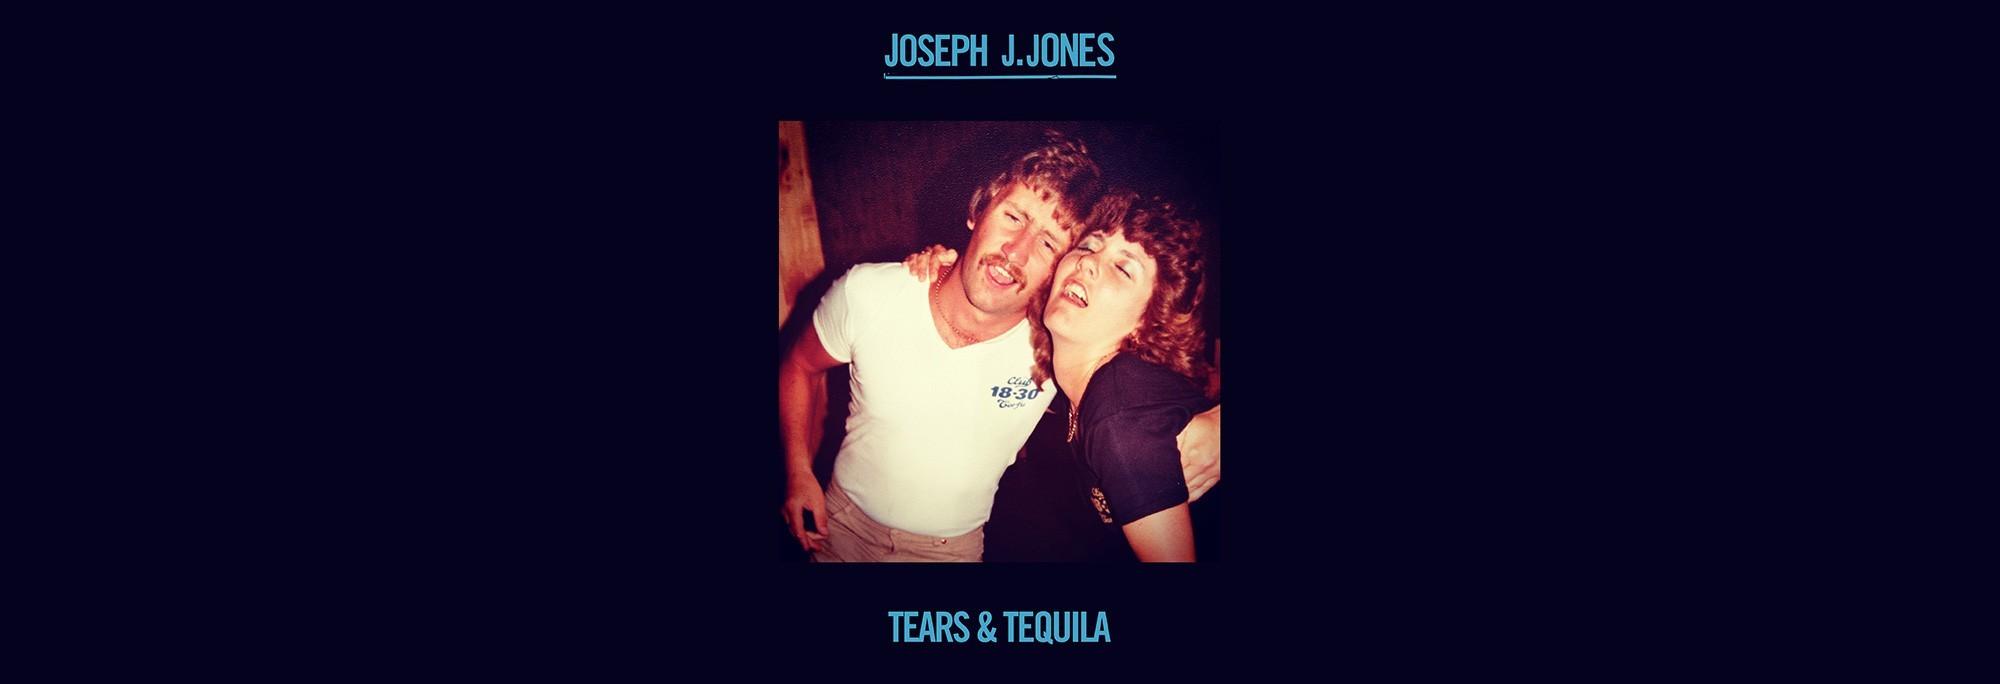 Joseph J. Jones - Tears & Tequila